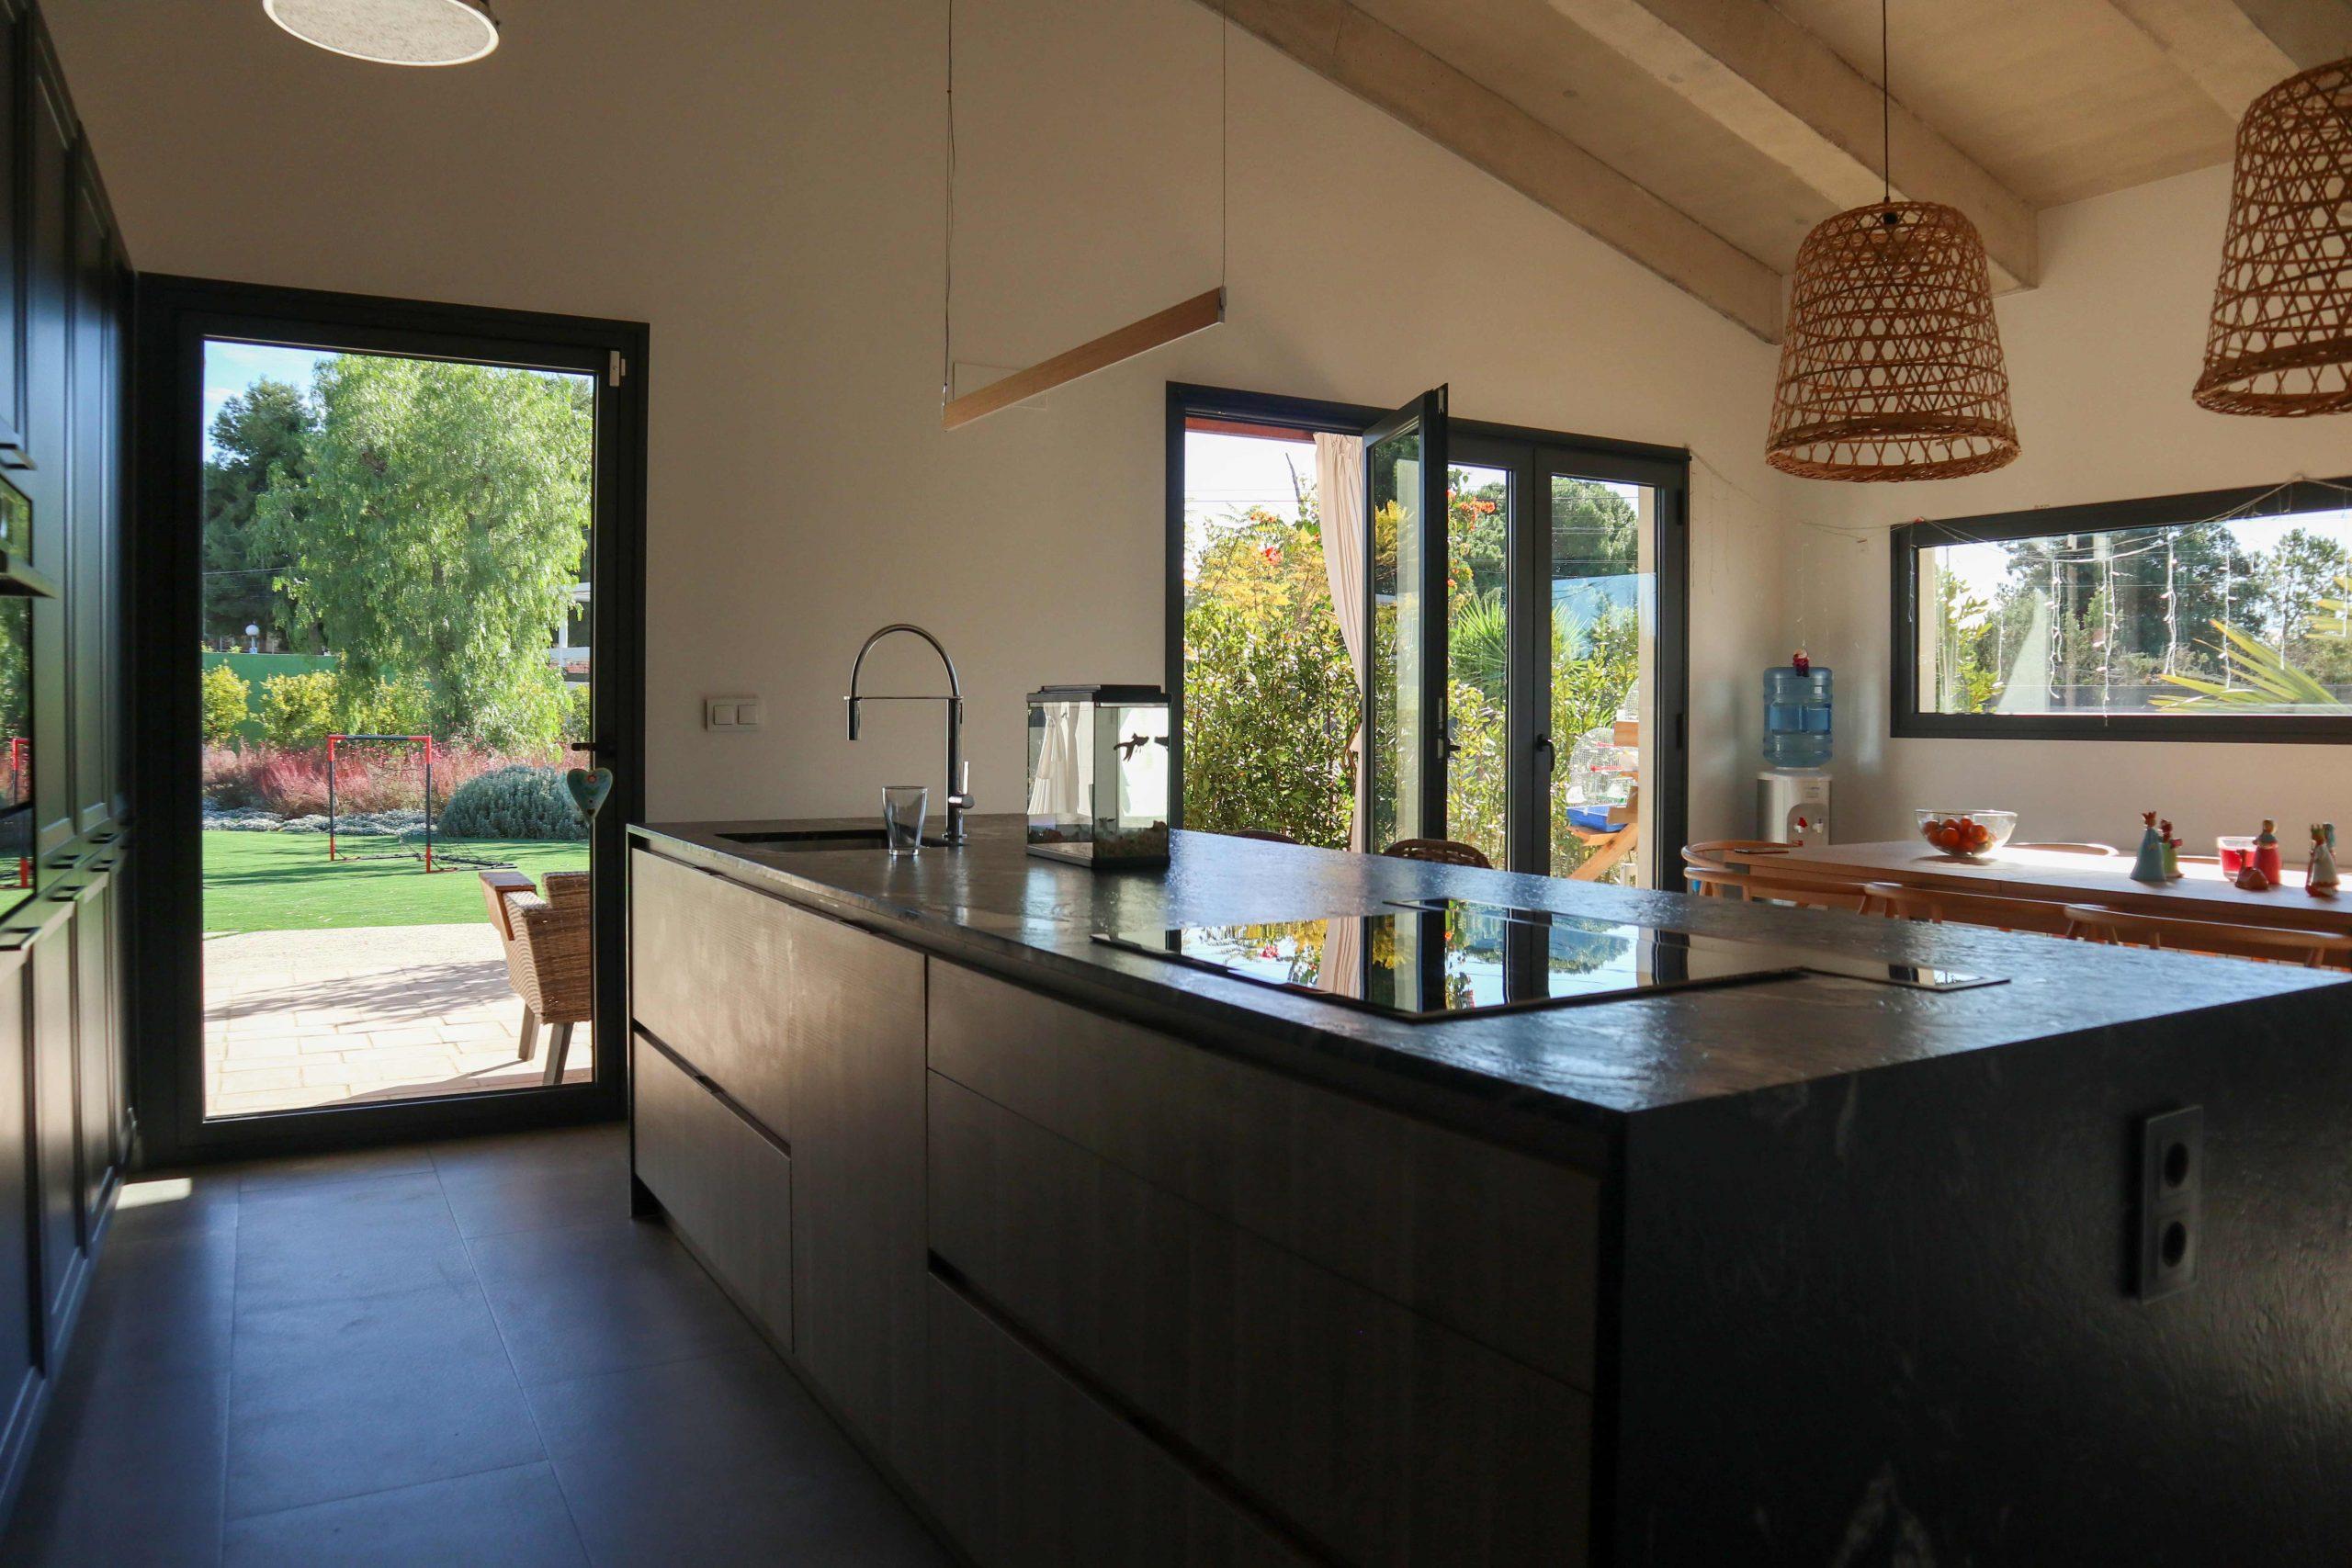 Isla de cocina con luminarias colgantes de techo y mesa de madera para comedor